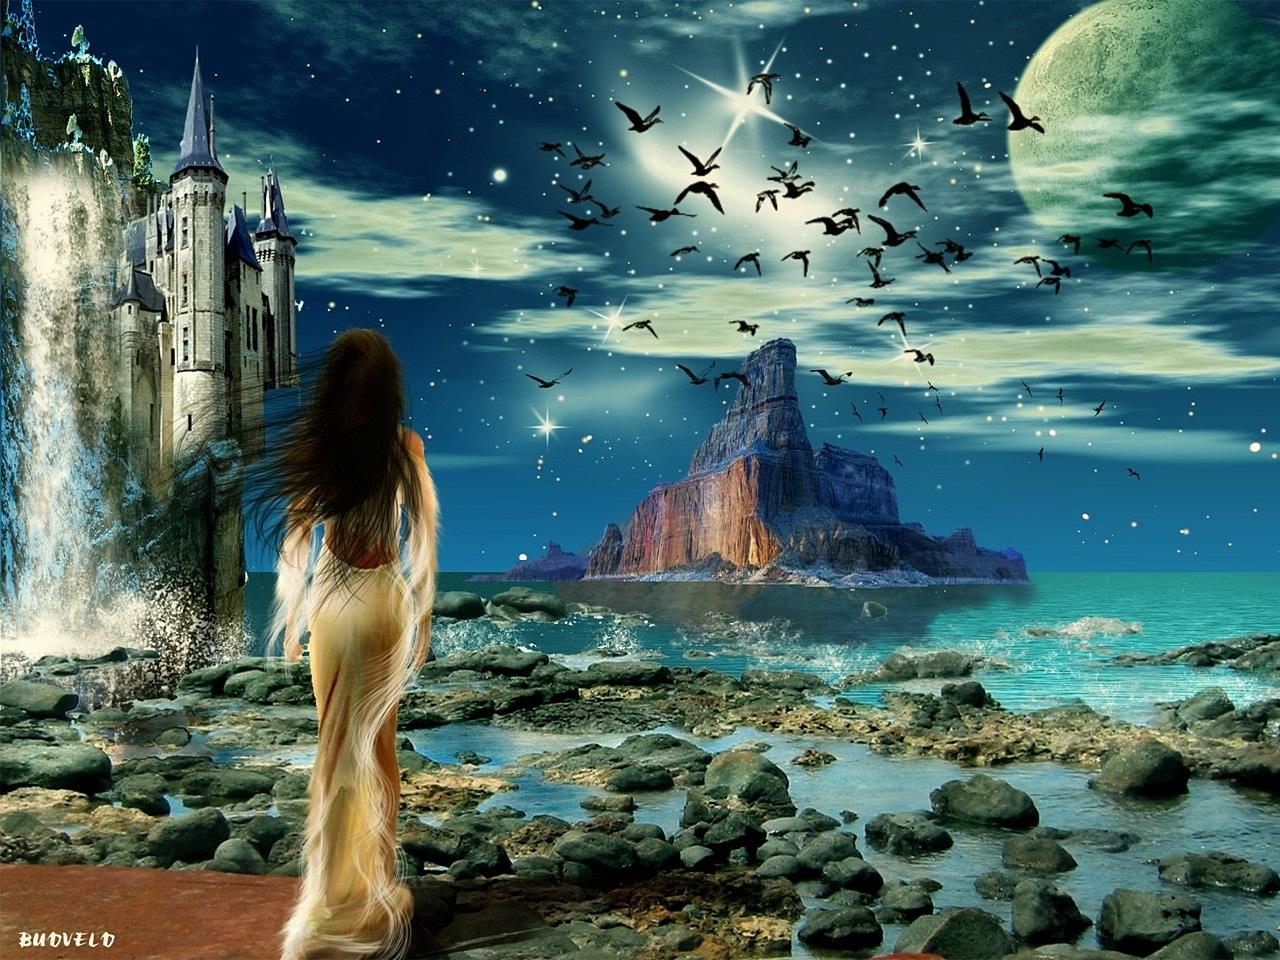 14323 Hintergrundbild herunterladen Fantasie, Menschen, Mädchen, Landschaft - Bildschirmschoner und Bilder kostenlos